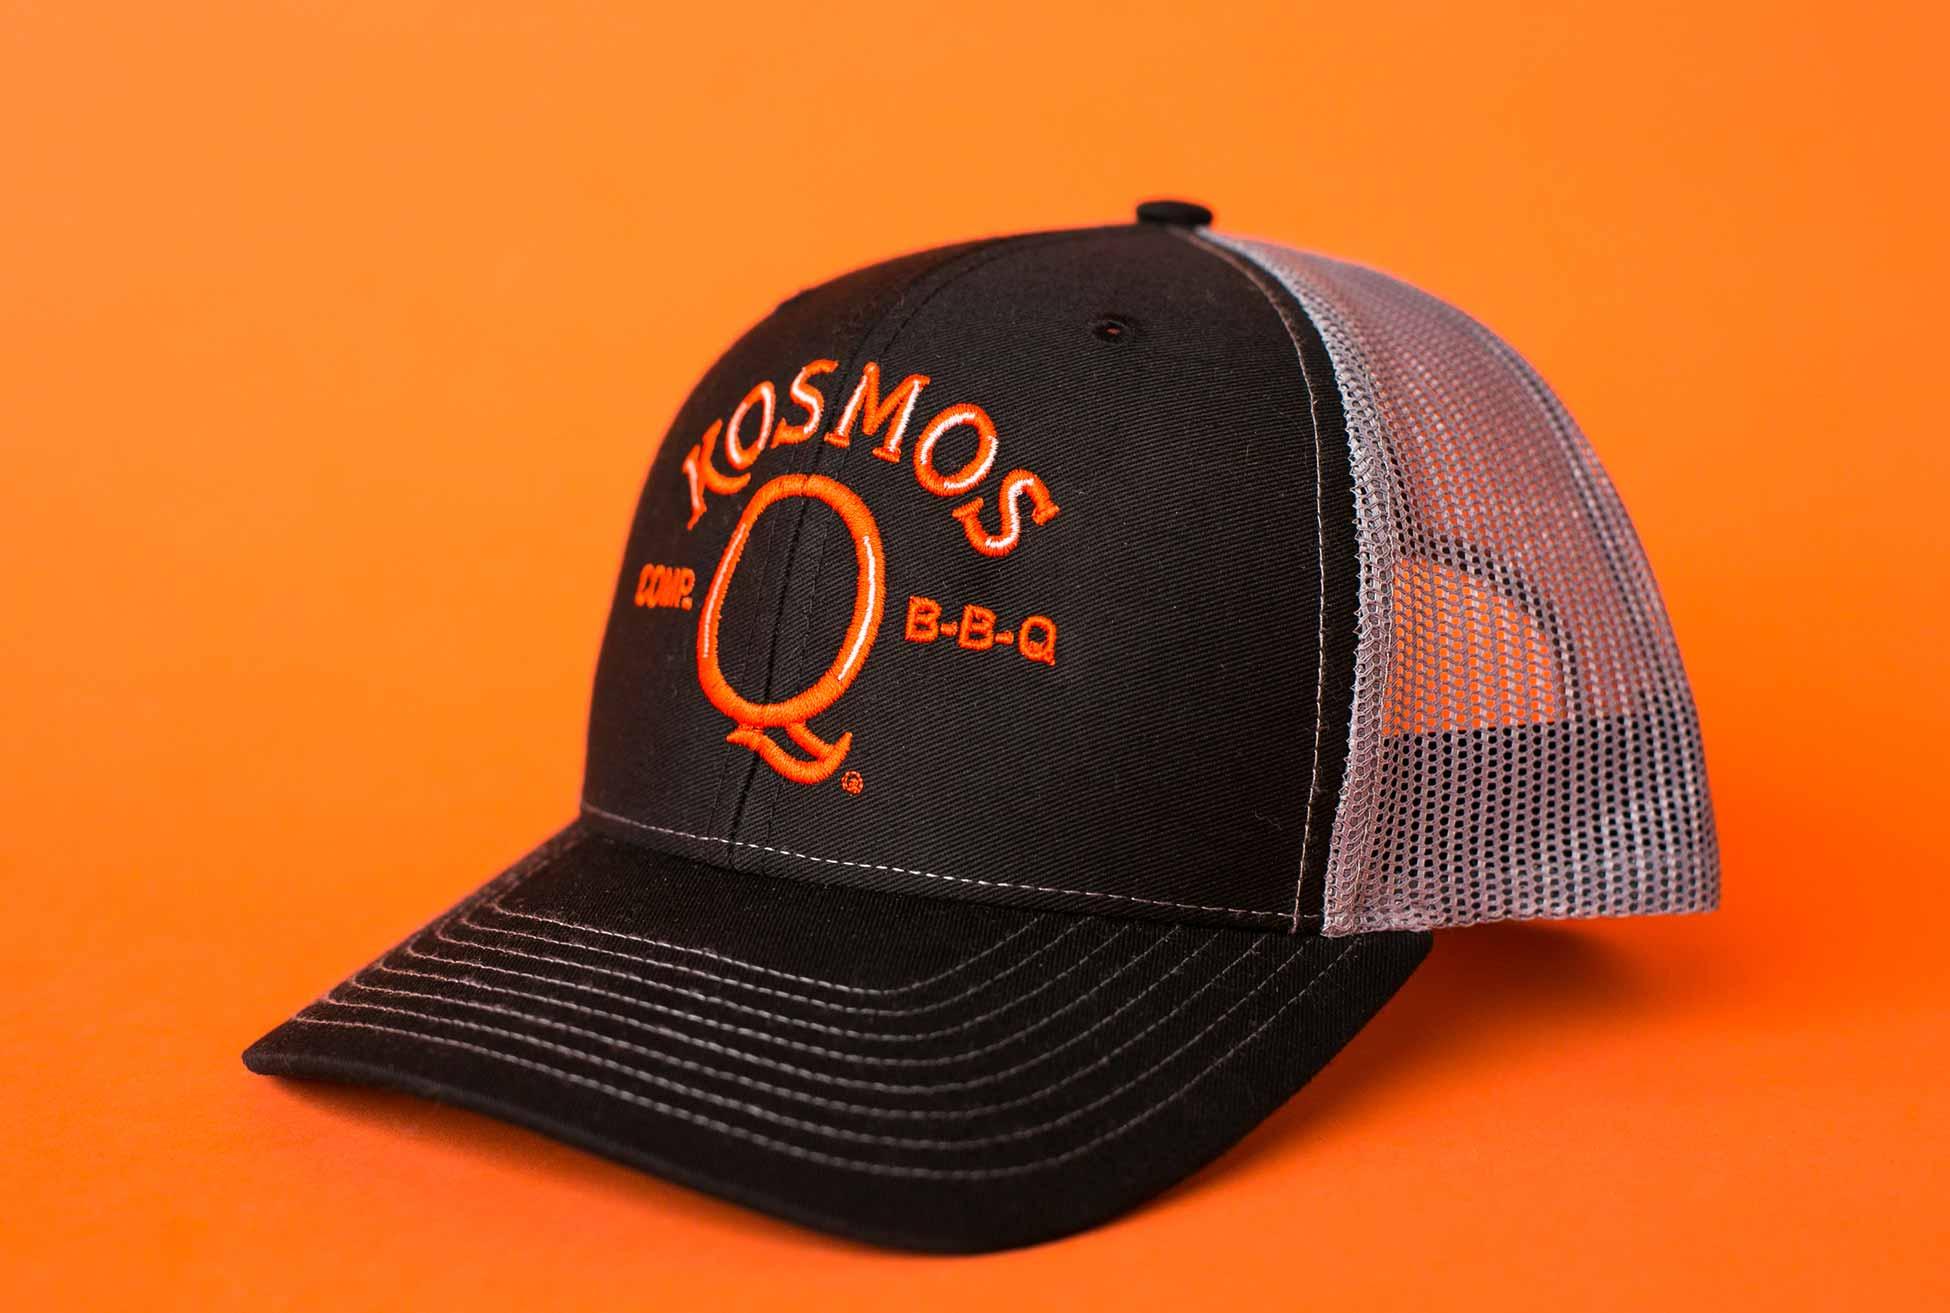 kosmosq_trucker-hat-orange.jpg